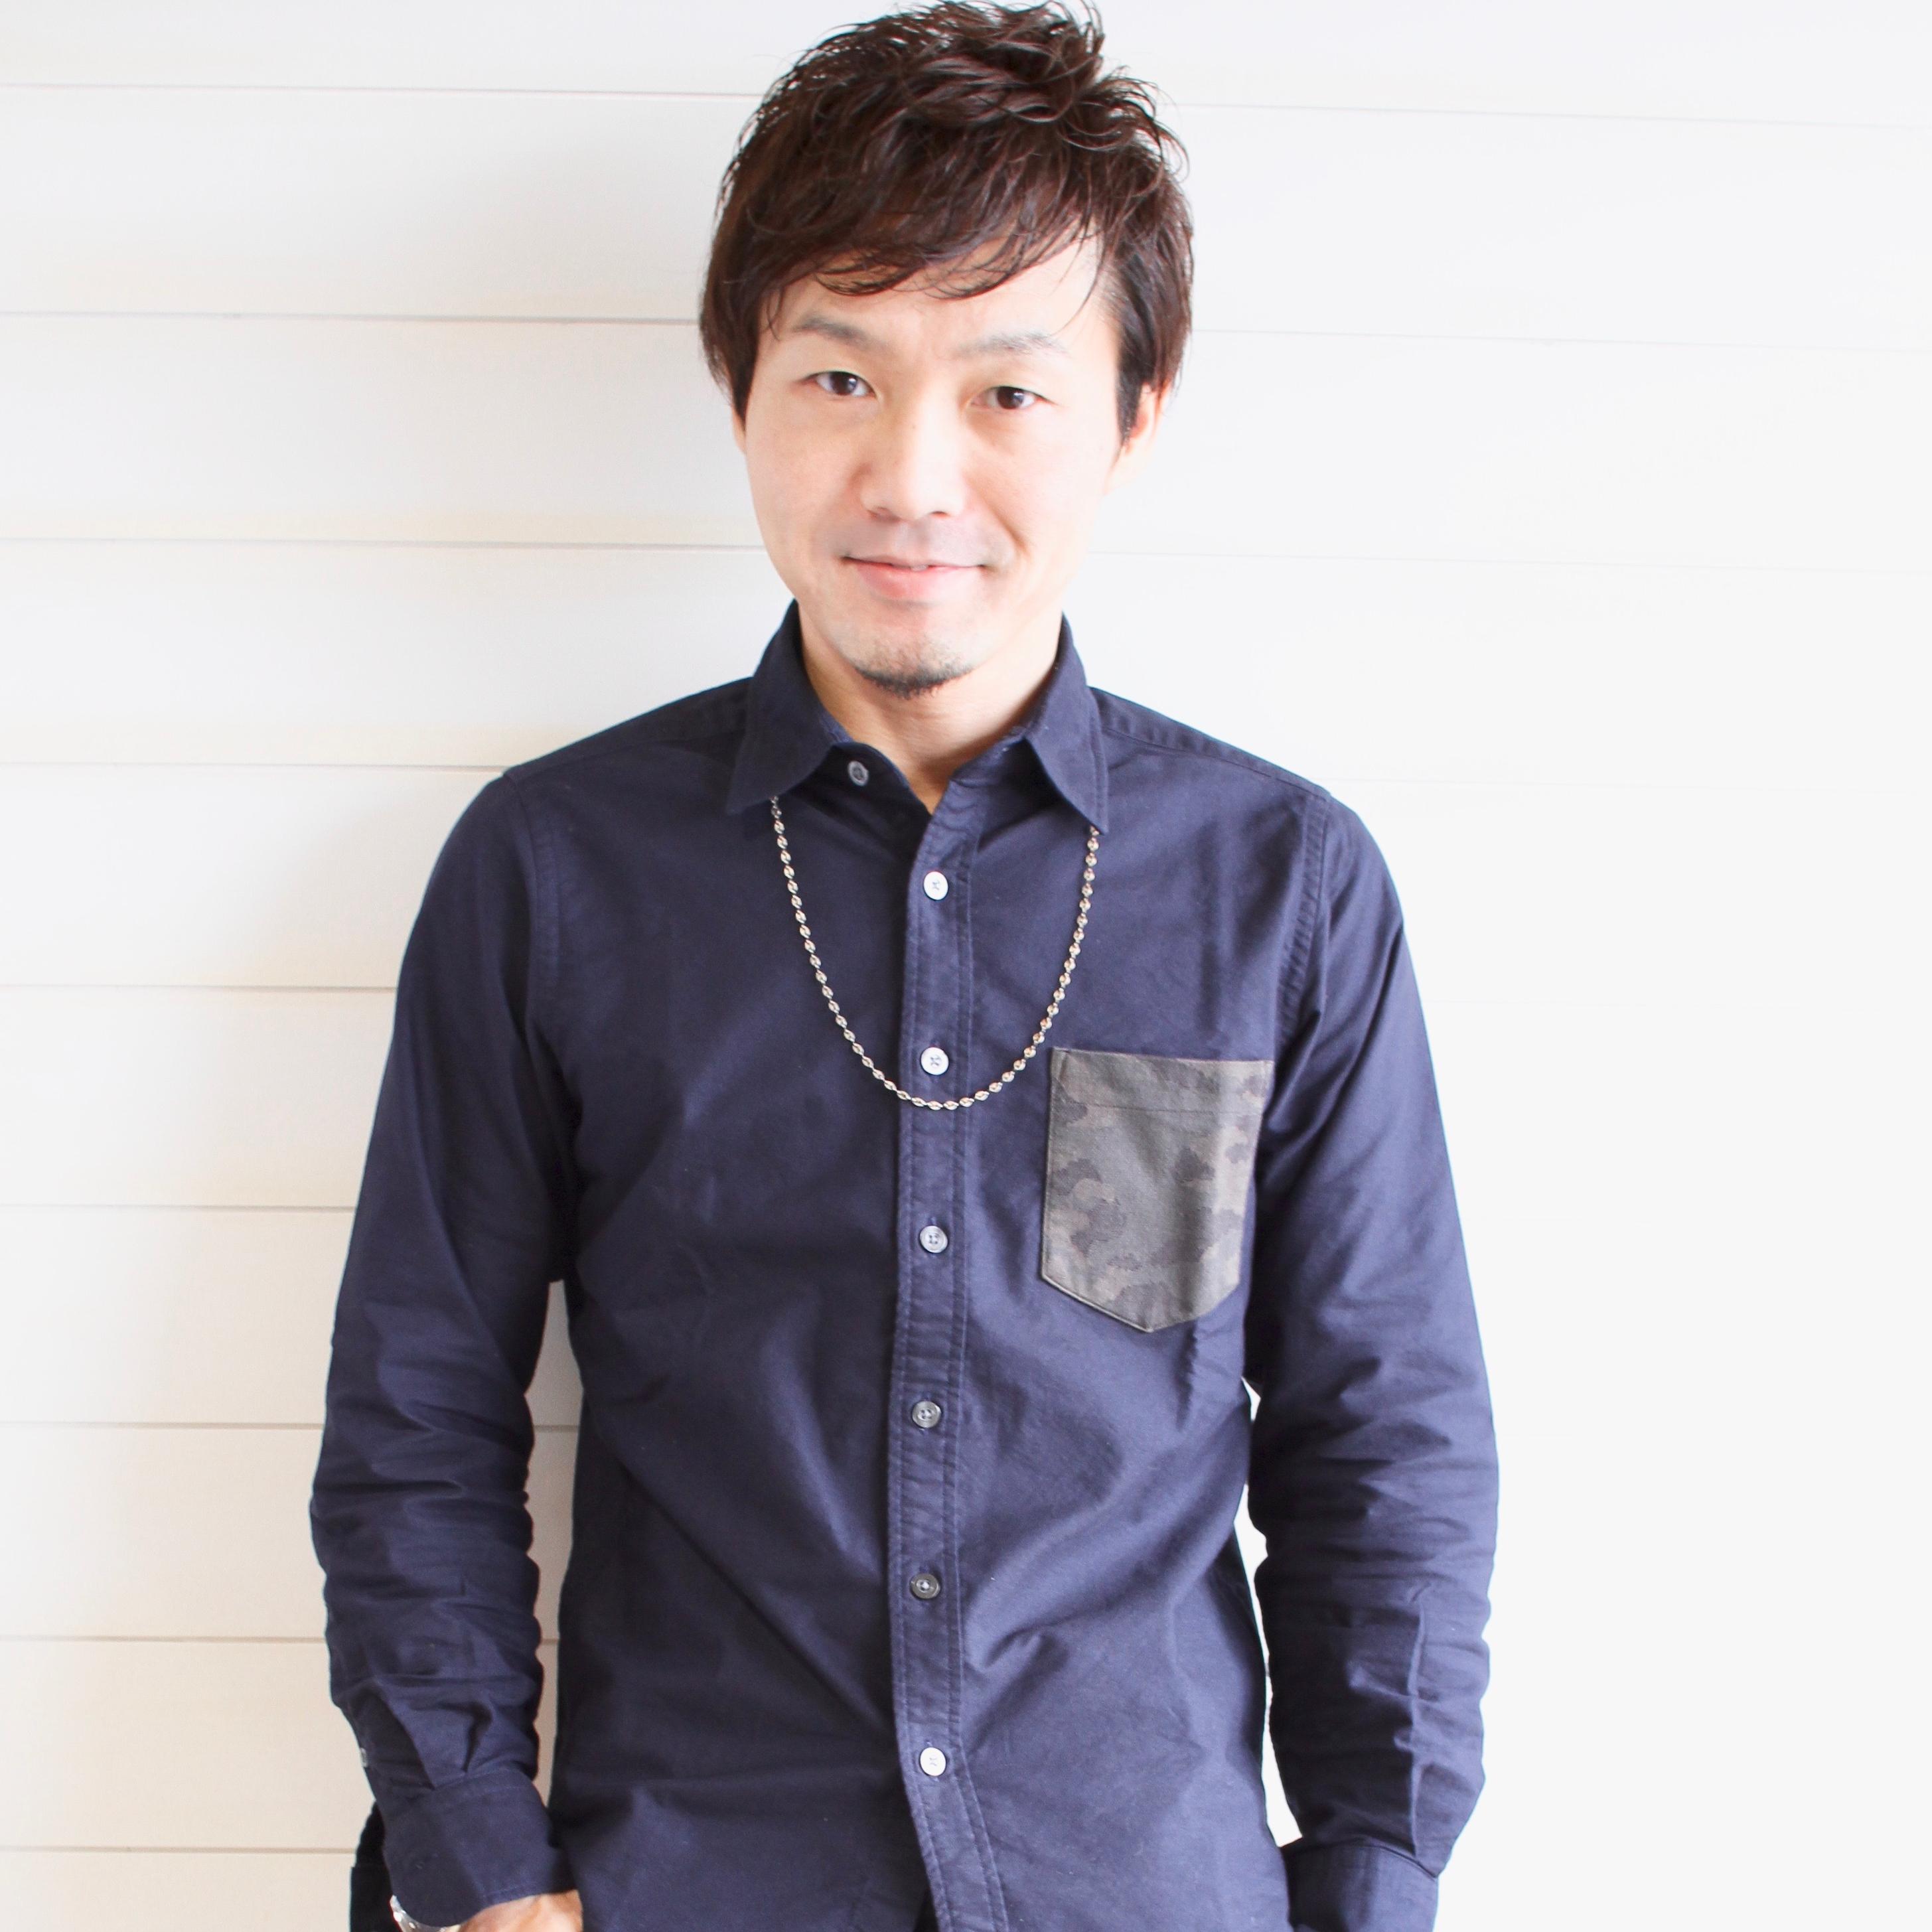 PITOhair/nakano